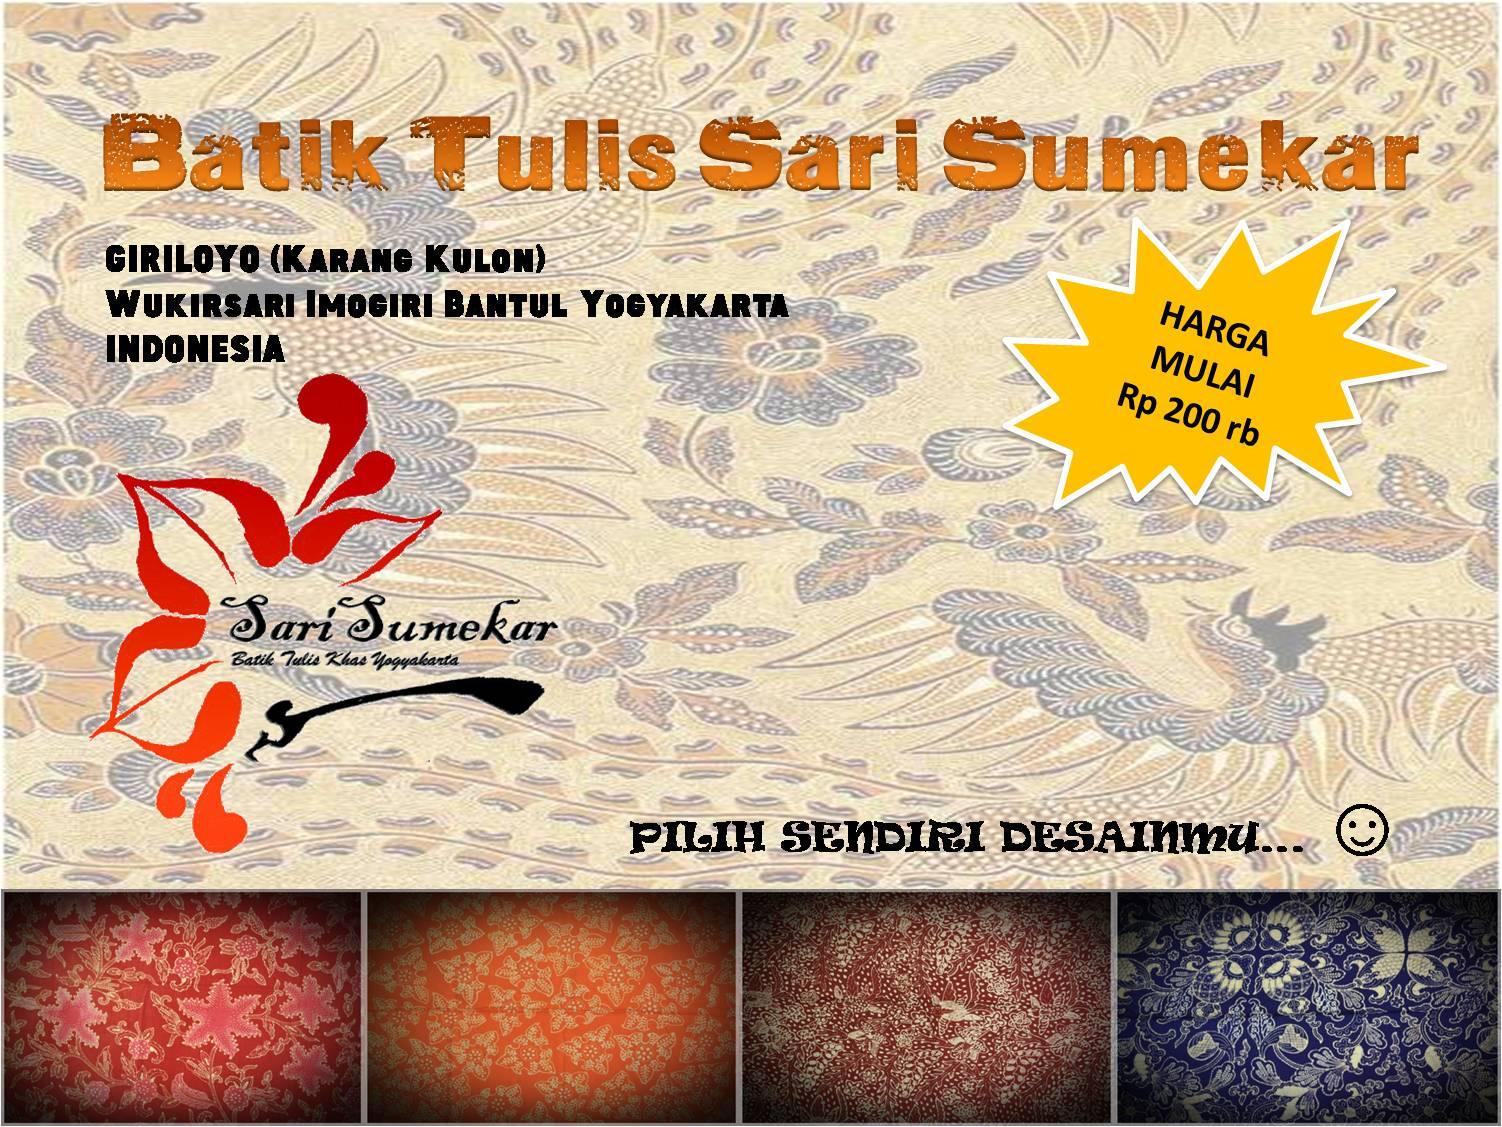 Katalog Batik Sari Sumekar Jogja Hp:087839108499 ...